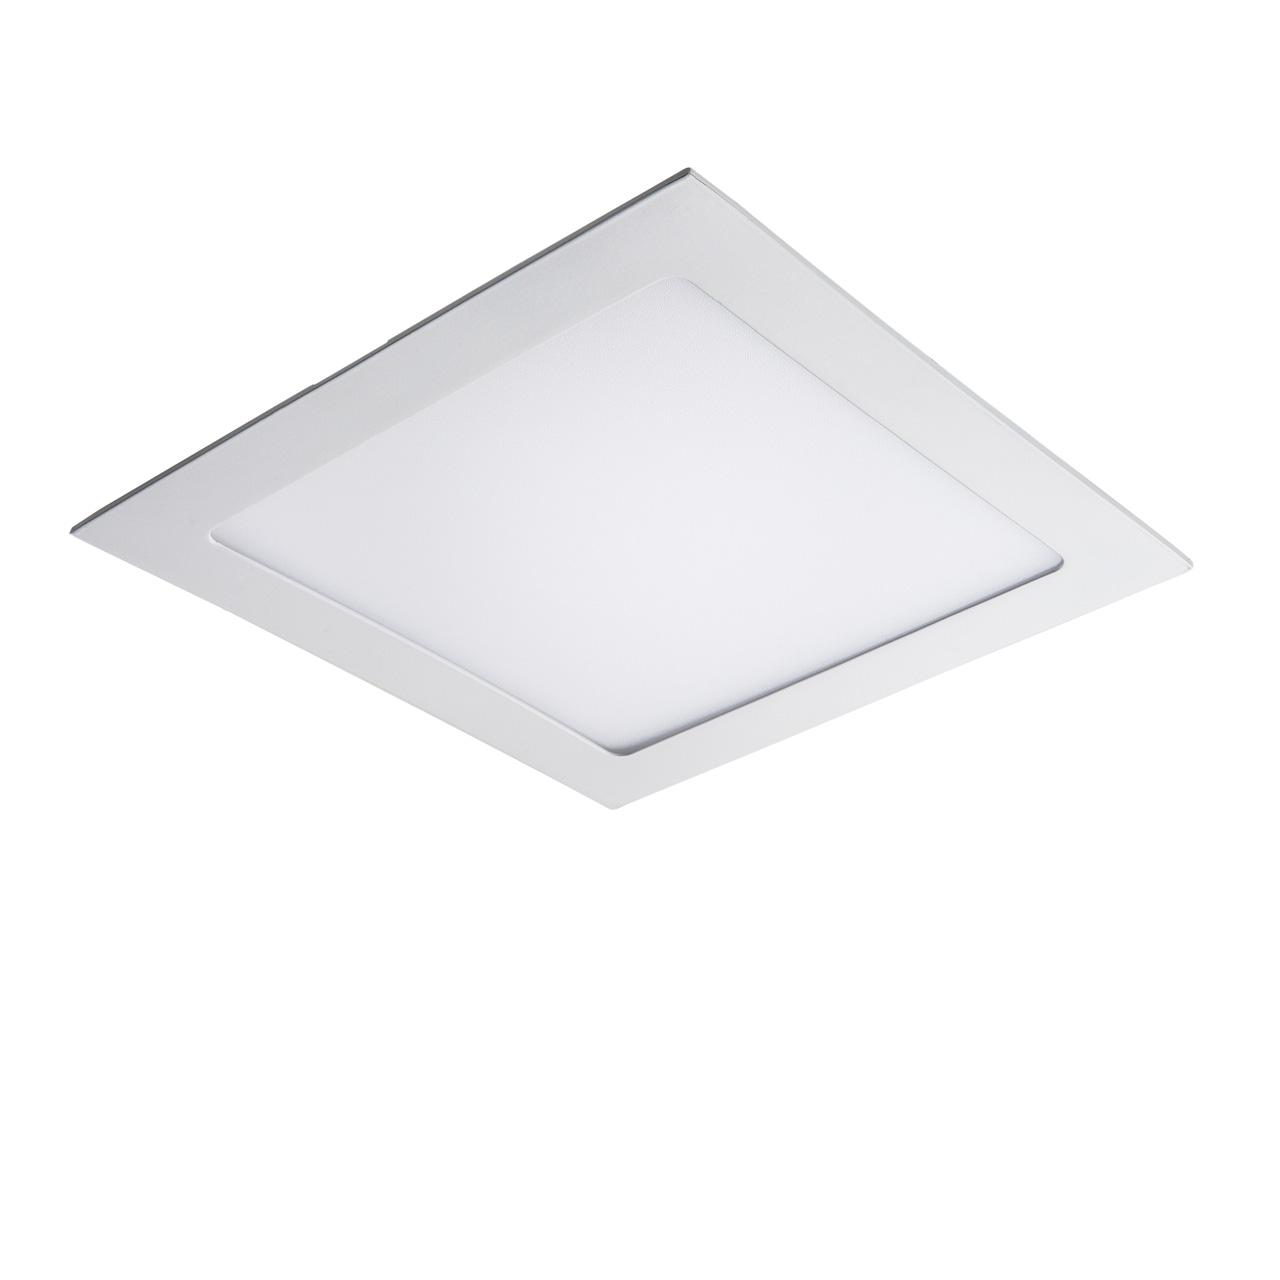 Встраиваемый светильник Lightstar, LED, 18 Вт встраиваемый светильник lightstar led 26 вт